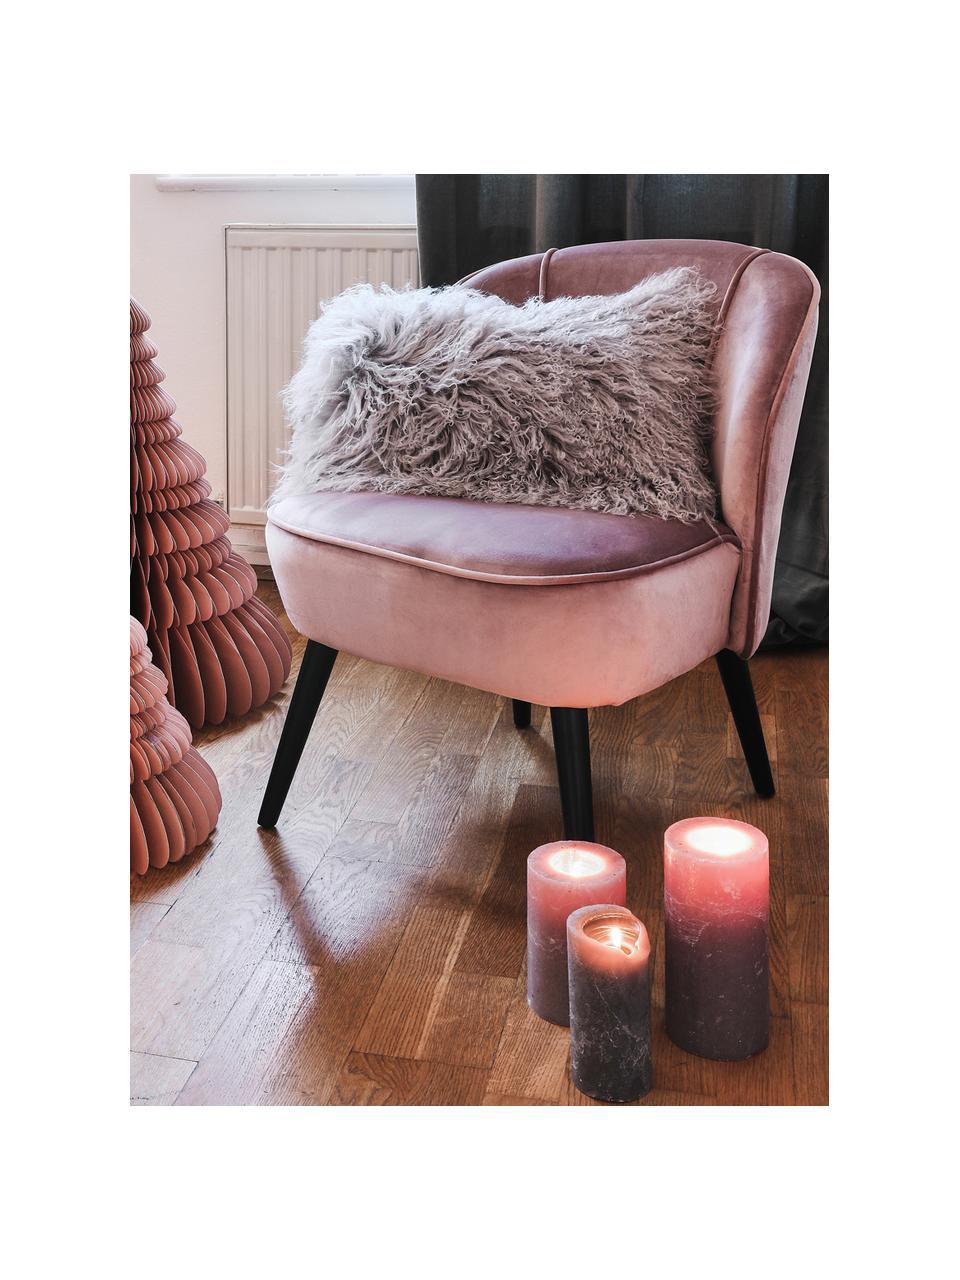 Poltrona in velluto rosa cipria Lucky, Rivestimento: velluto (poliestere) 30.0, Piedini: legno di caucciù vernicia, Velluto rosa cipria, Larg. 59 x Prof. 68 cm